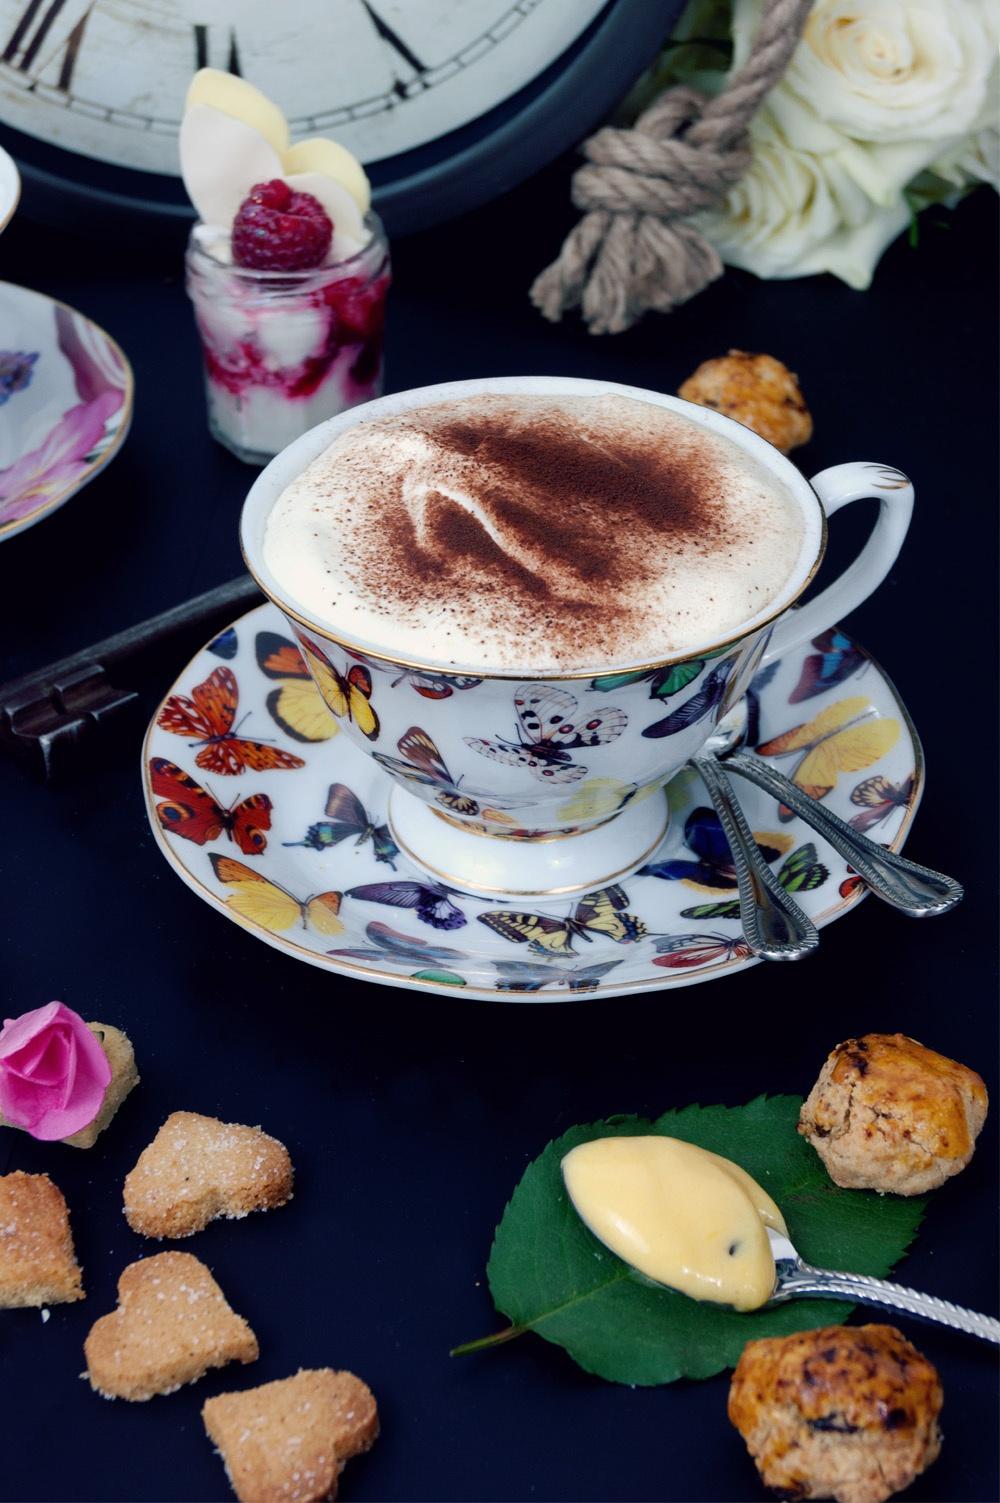 Tea Time in wonderland 5 - Qui a volé les tartes - Studio 2 création